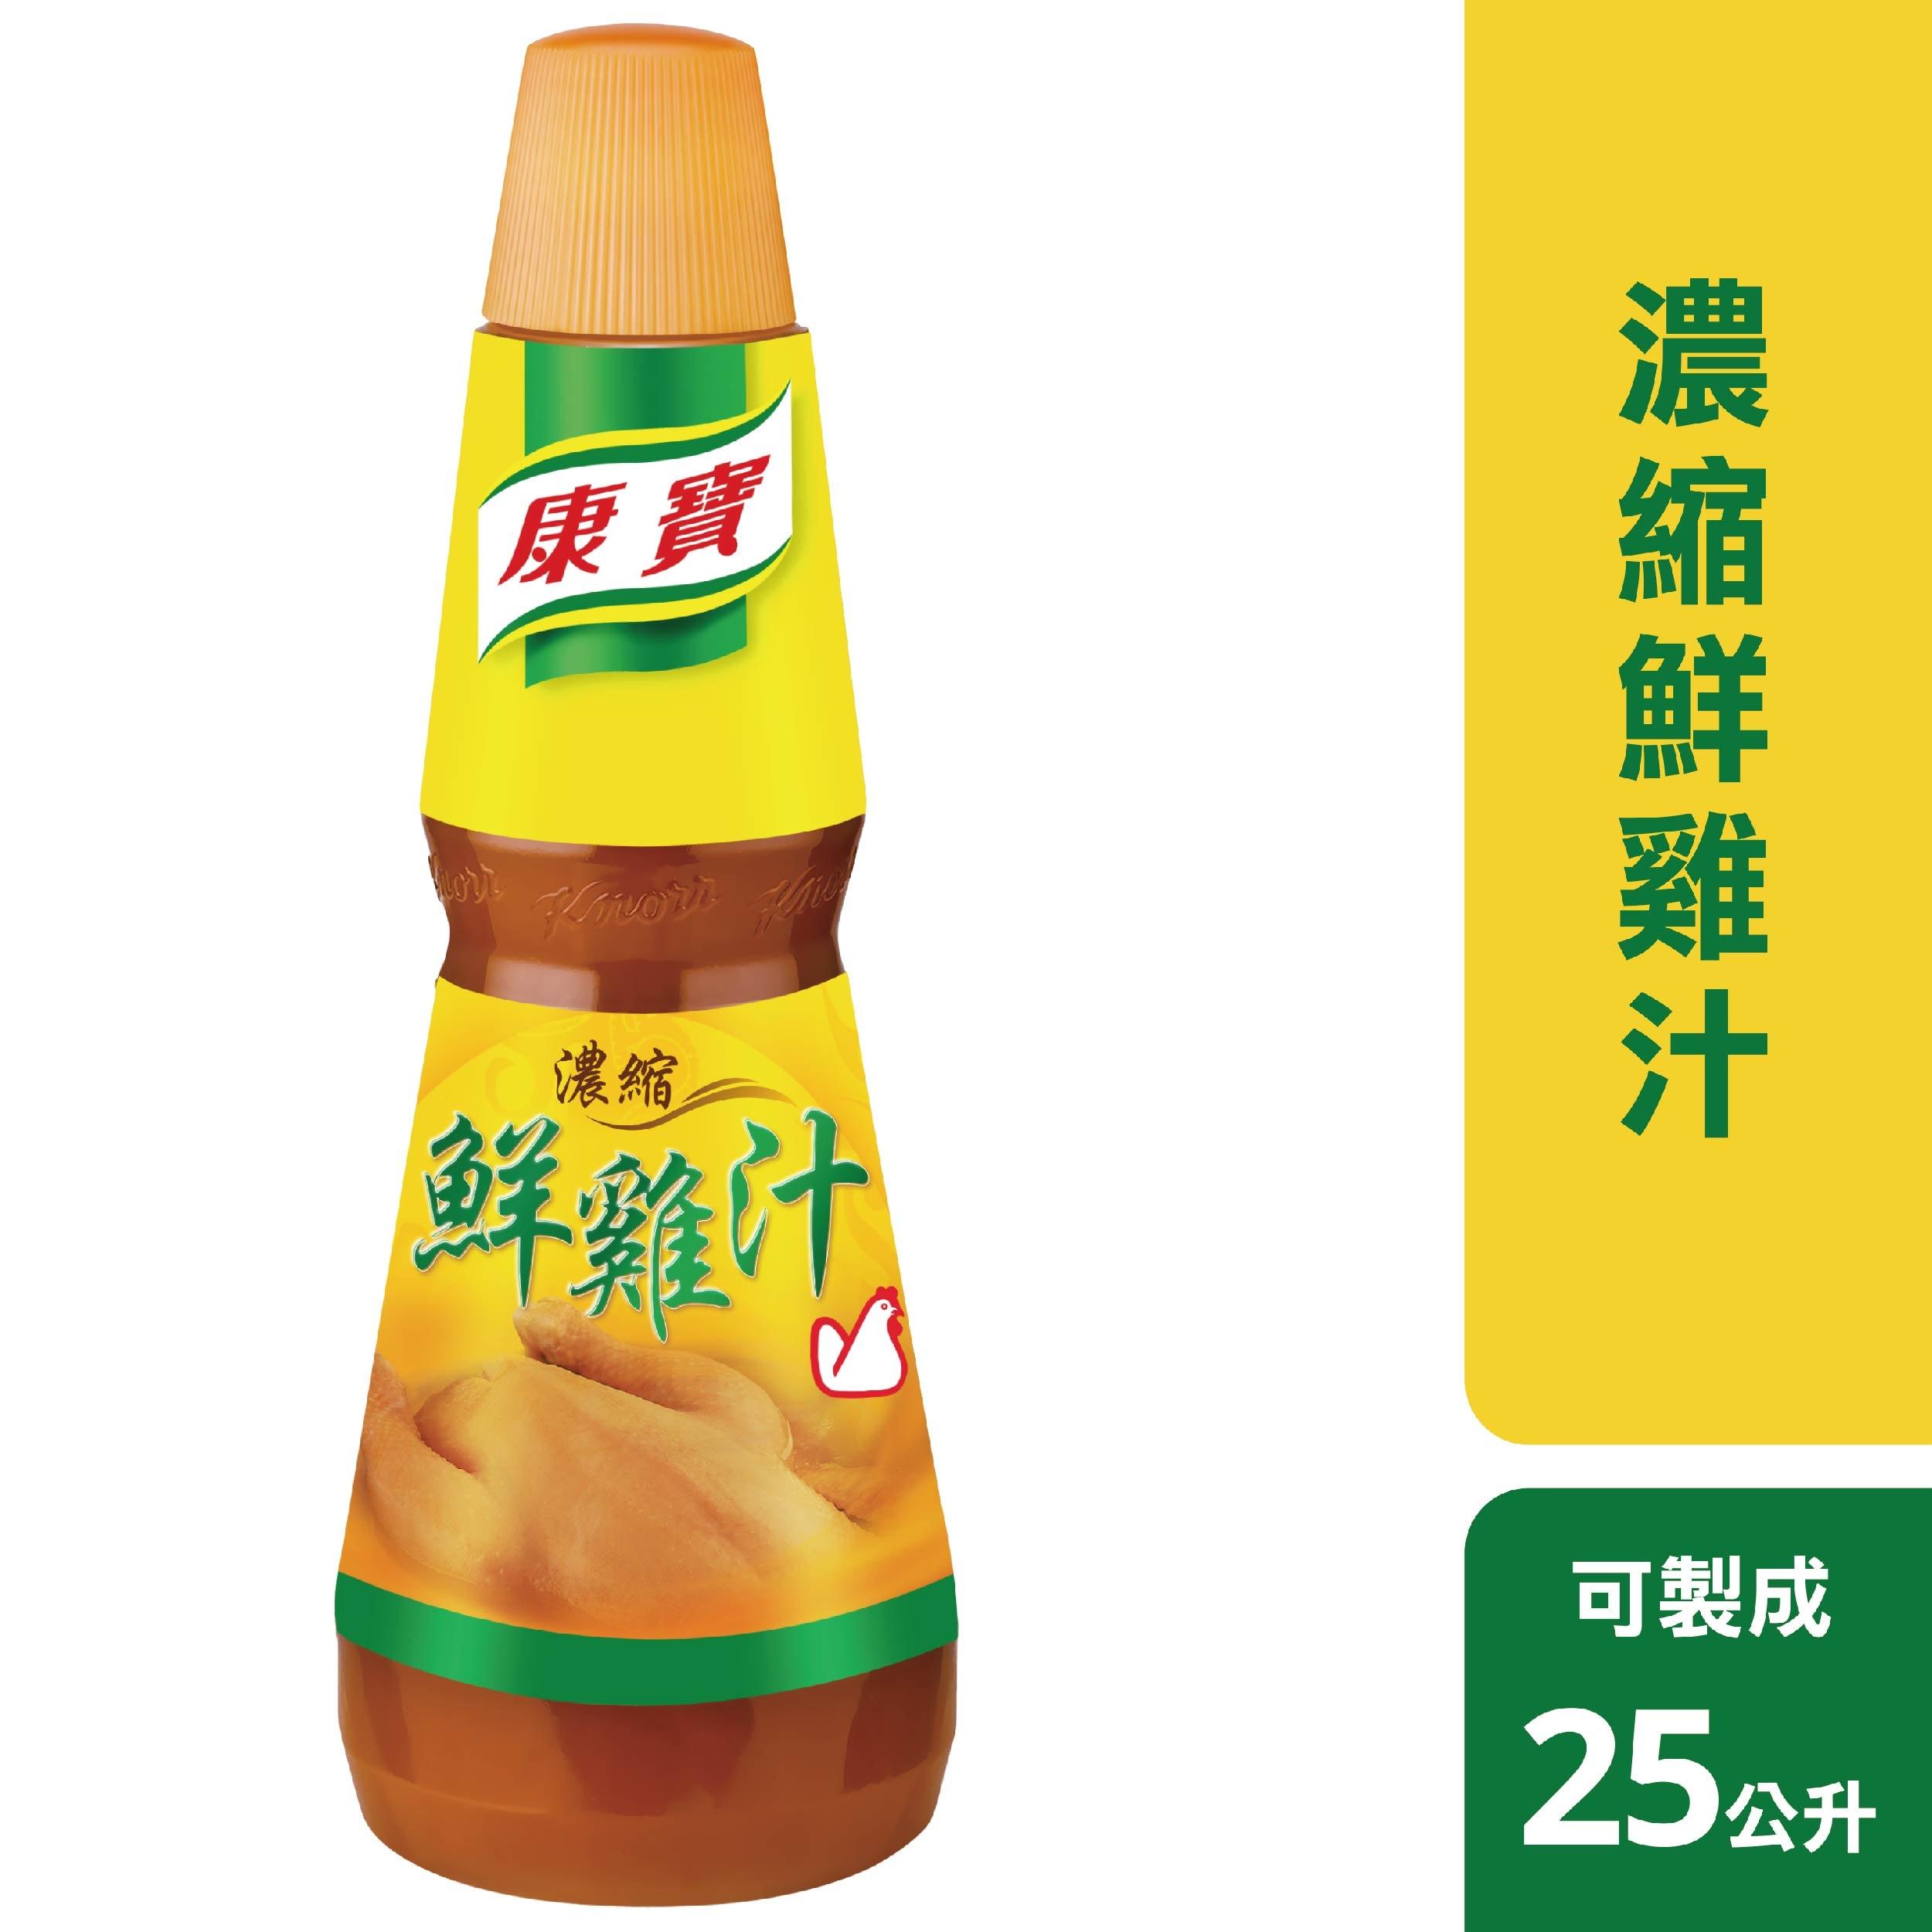 康寶濃縮鮮雞汁 - 康寶鮮雞汁,雞味純正不搶味, 搭配創意燉湯